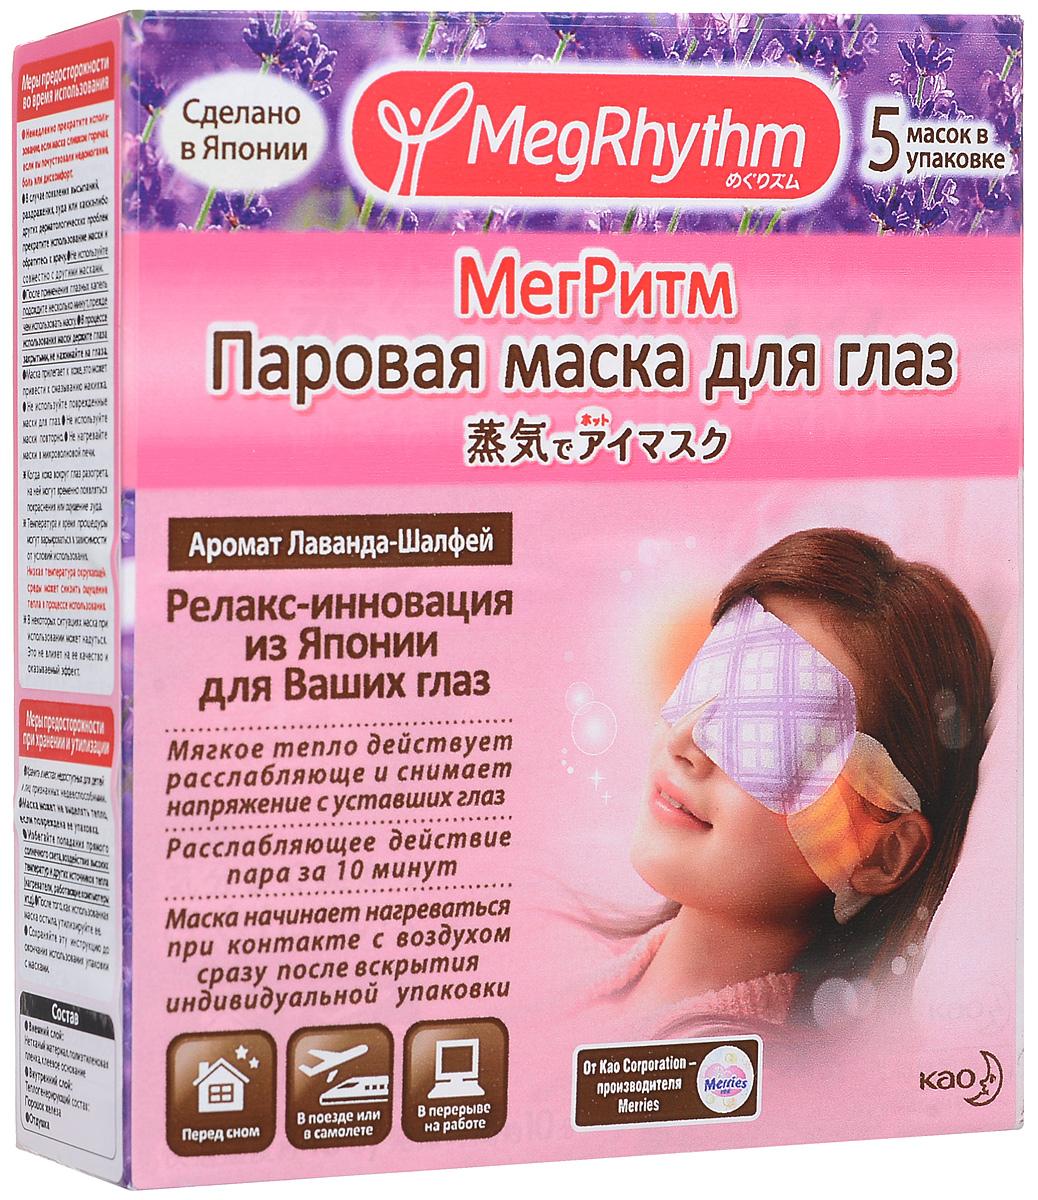 MegRhythm Паровая маска для глаз (Лаванда - Шалфей) 5 шт450500052Снимите напряжение с ваших уставших глаз с помощью паровой маски. Теплый пар температурой около 40 С в течение 10 минут мягко окутывает глаза. * В процессе использования пар невидим, но его эффект можно почувствовать по увлажнению кожи вокруг глаз после завершения процедуры. SPA - процедура на основе согревающего пара успокоит, снимет напряжение, и ваши отдохнувшие глаза снова засияют. Ультратонкий, идеально прилегающий к коже материал. Удобные ушные петли позволяют использовать маску в любом положении. Маска начинает нагреваться сразу после вскрытия что делает ее удобной для использования в любой ситуации. Гигиеническая одноразовая маска удобна в использовании.Уважаемые клиенты!Обращаем ваше внимание на возможные изменения в дизайне упаковки. Качественные характеристики товара остаются неизменными. Поставка осуществляется в зависимости от наличия на складе.